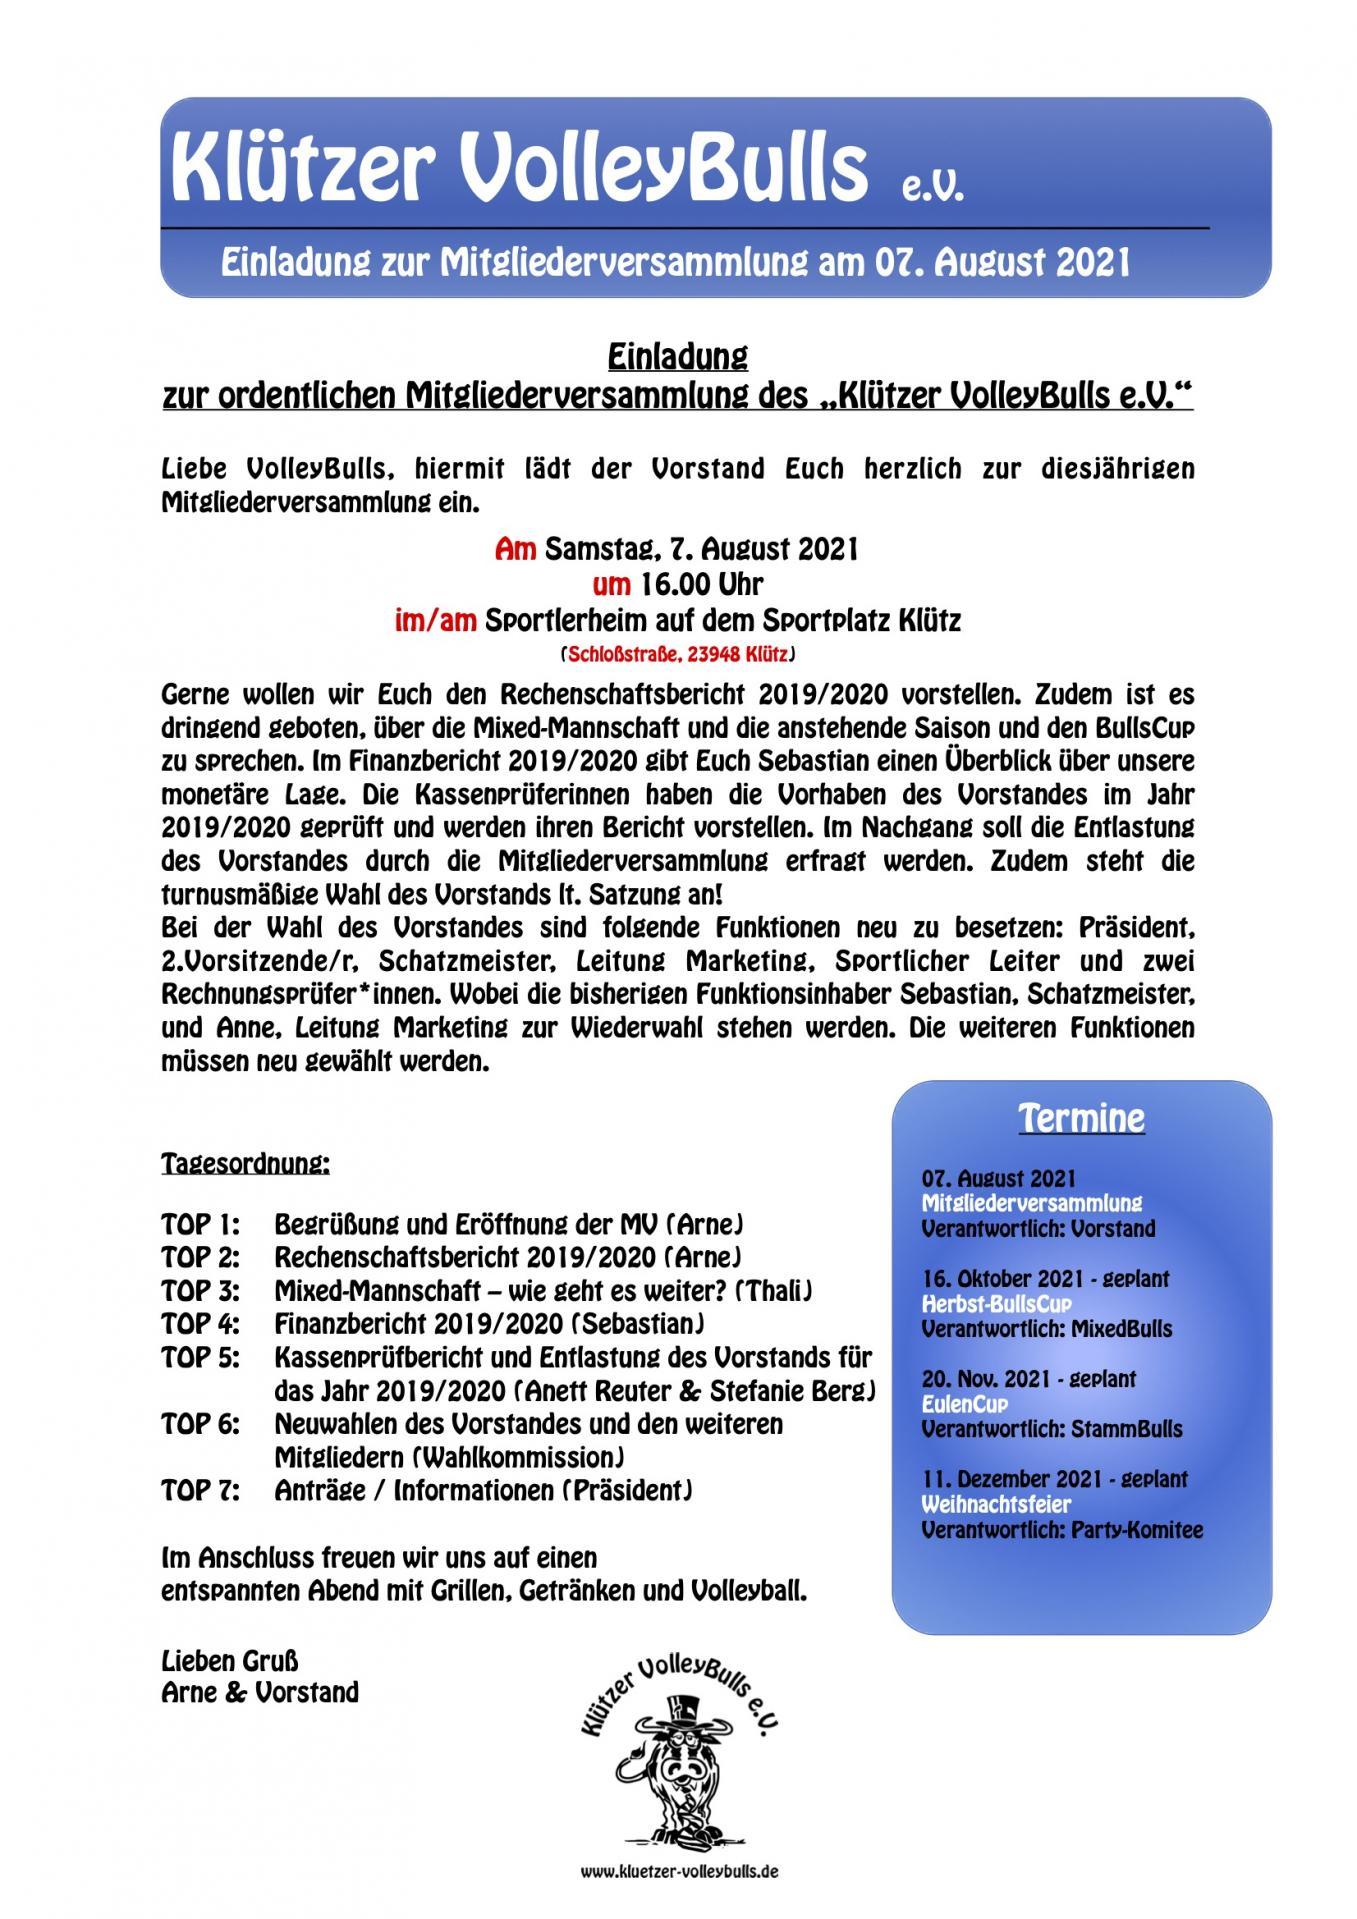 Einladung zur Mitgliederversammlung am 7. August 2021